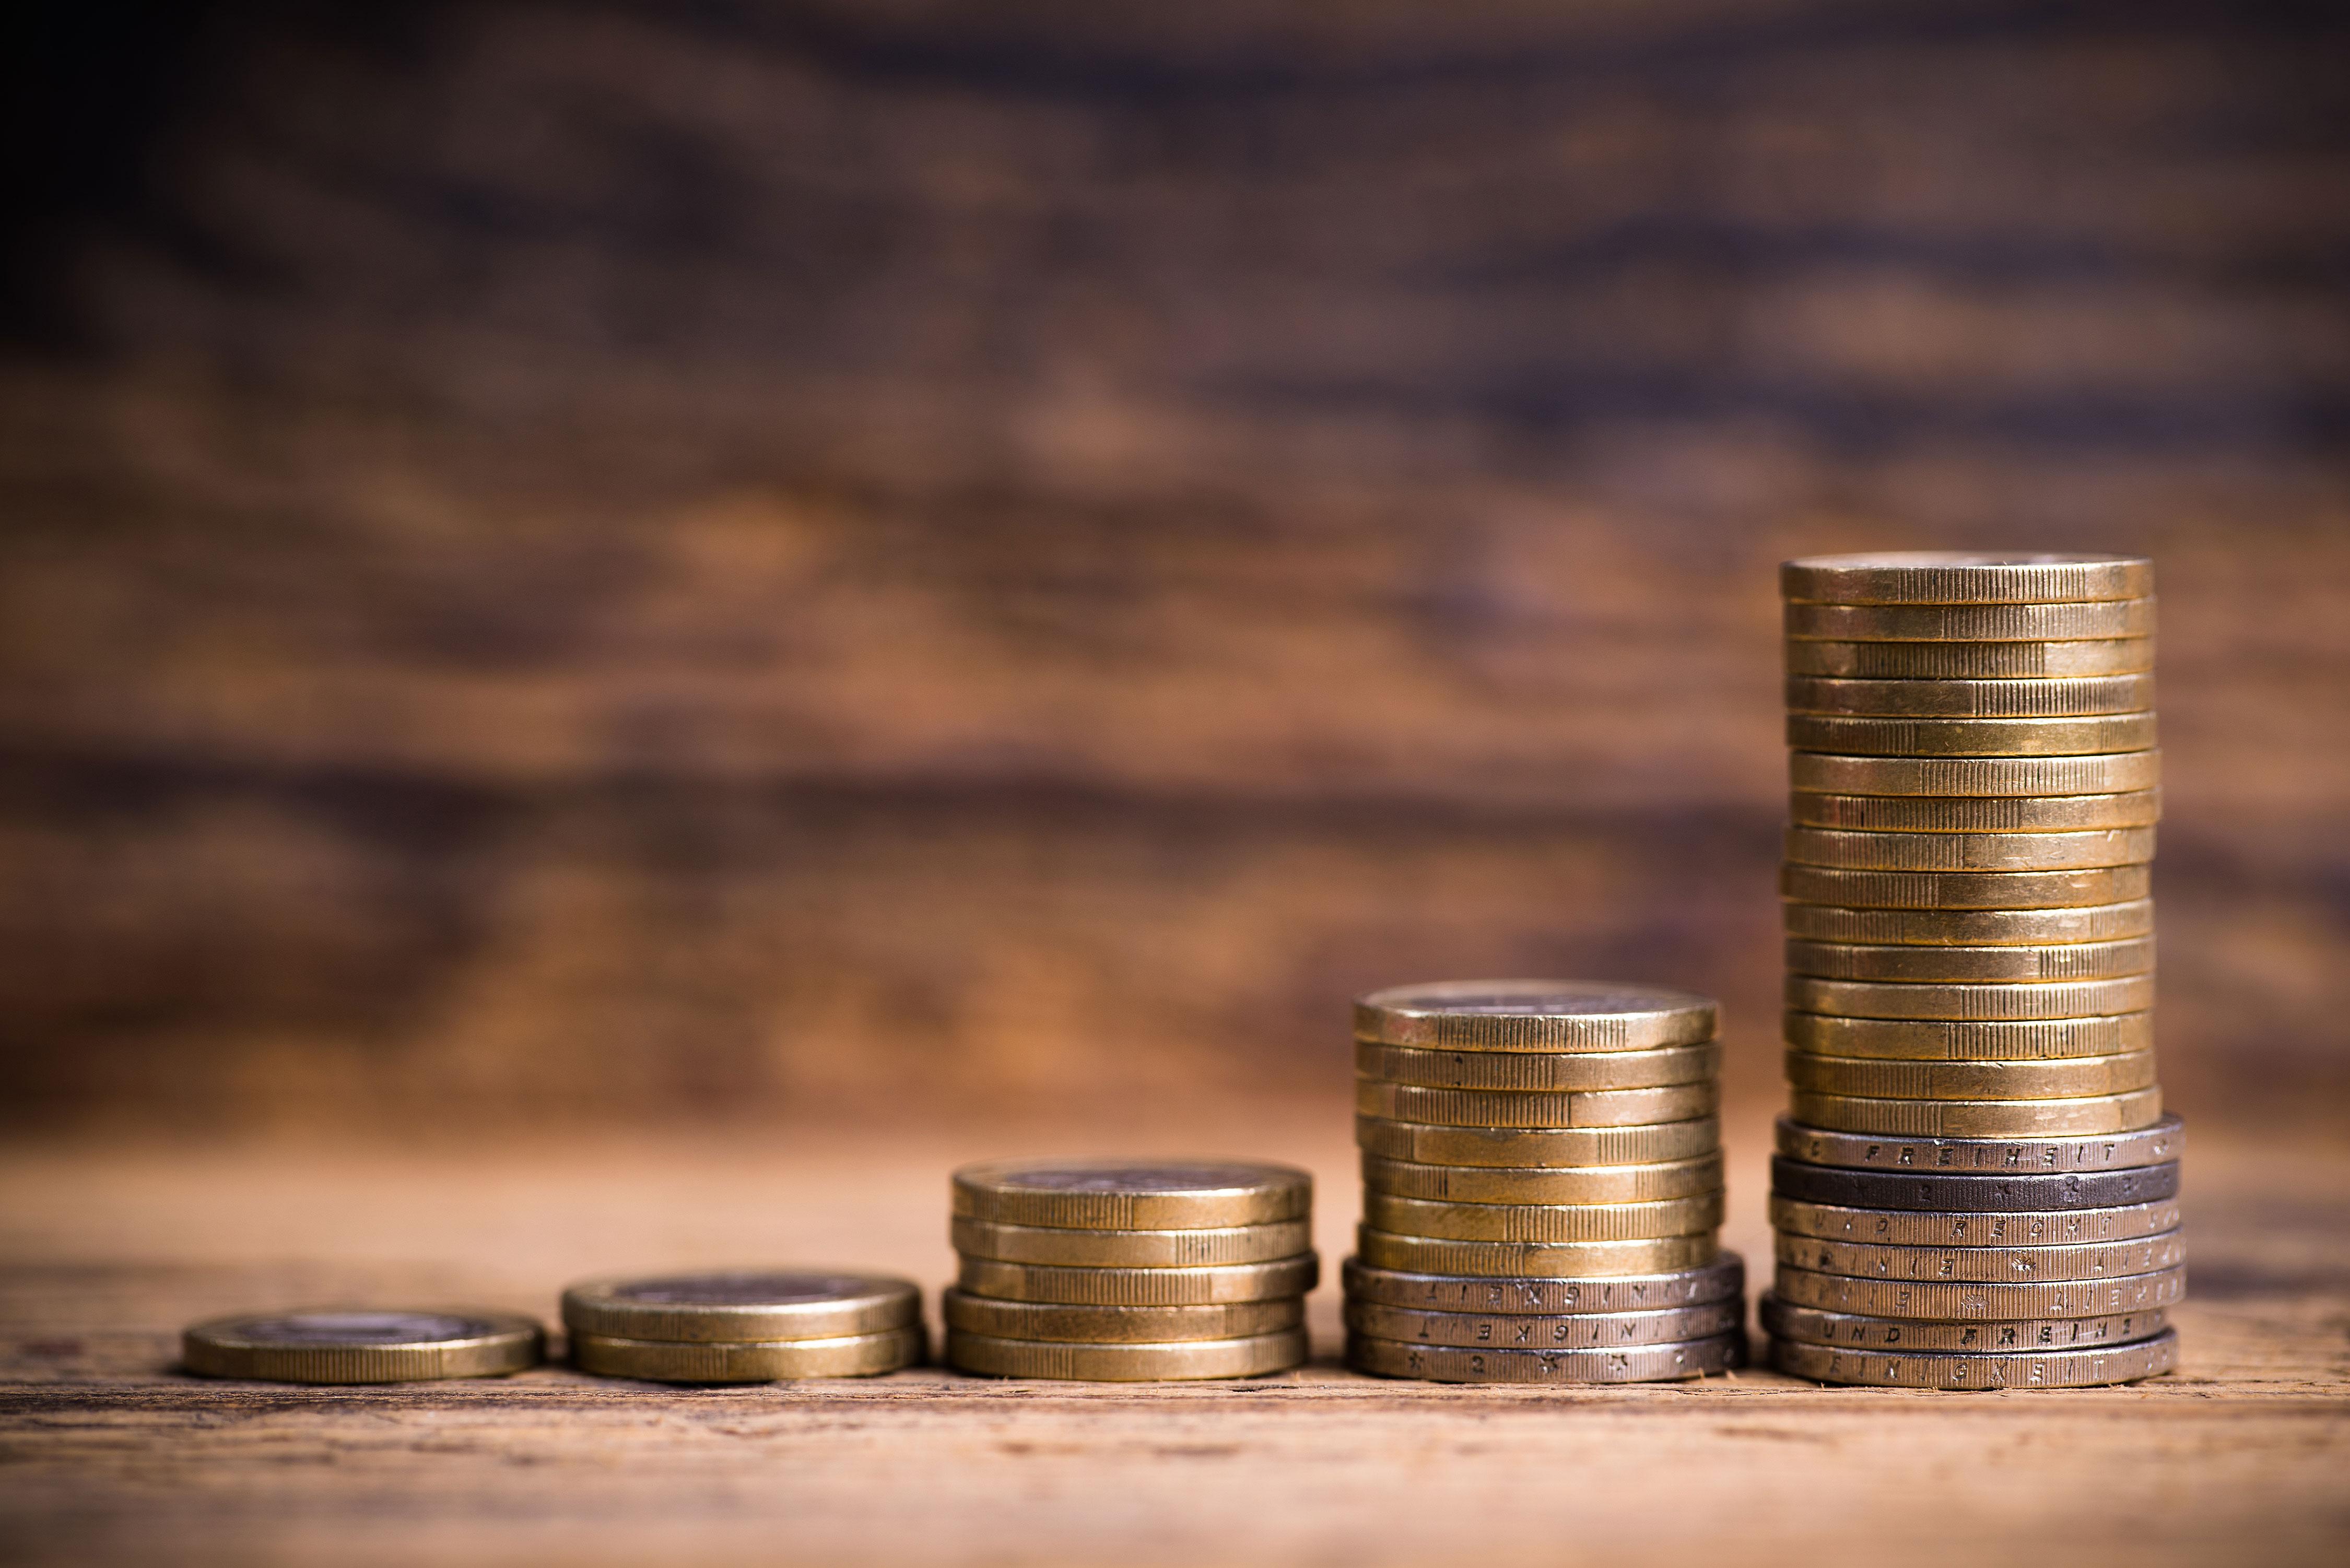 Stapel von Geldmünzen in wachsender Reihenfolge